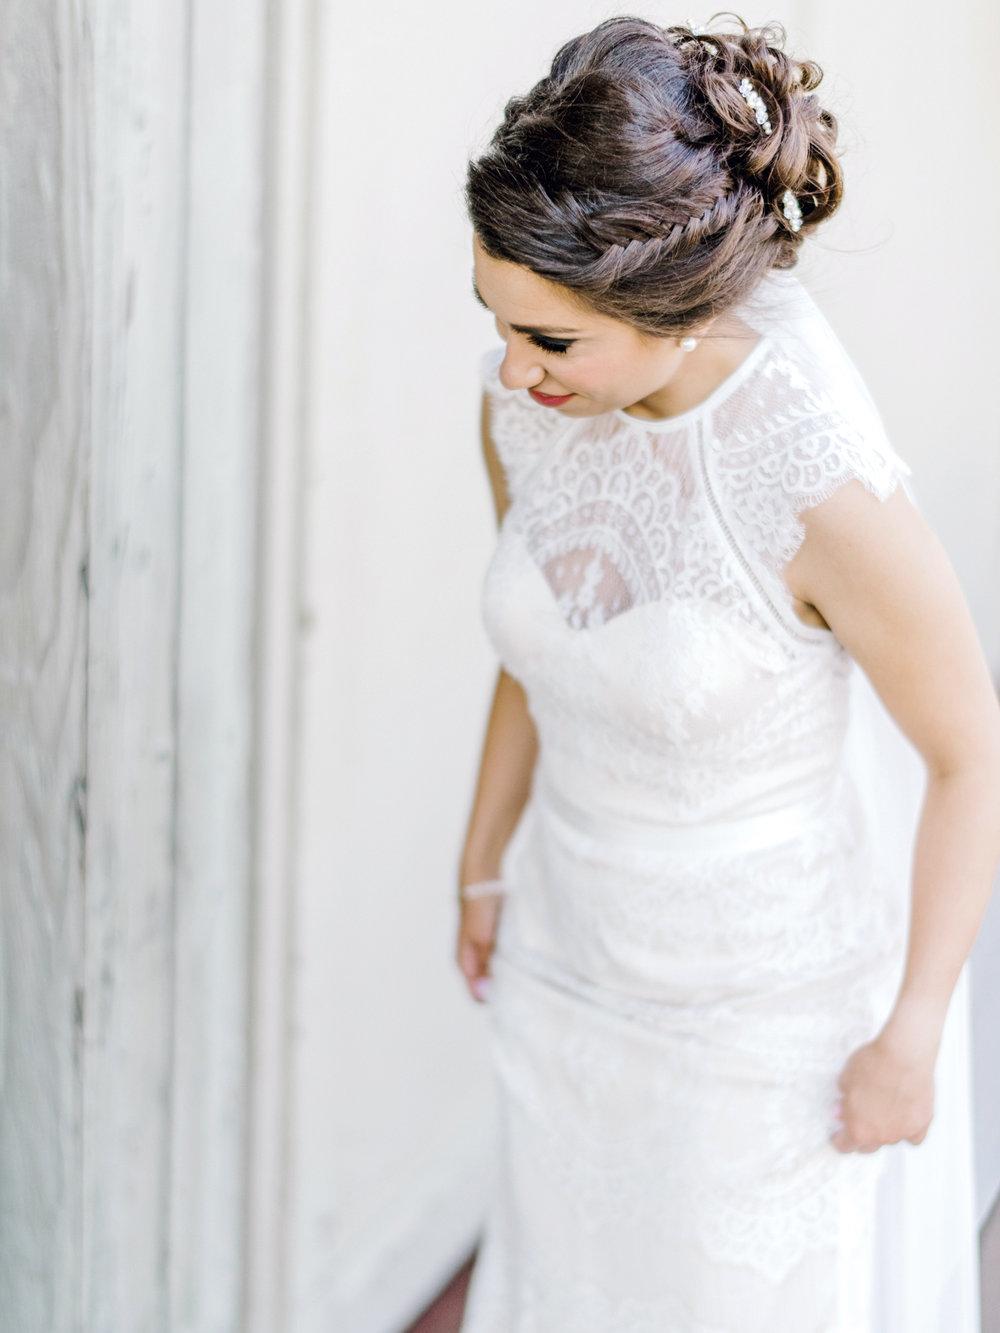 radostinaboseva_napa_wedding_california-17.jpg